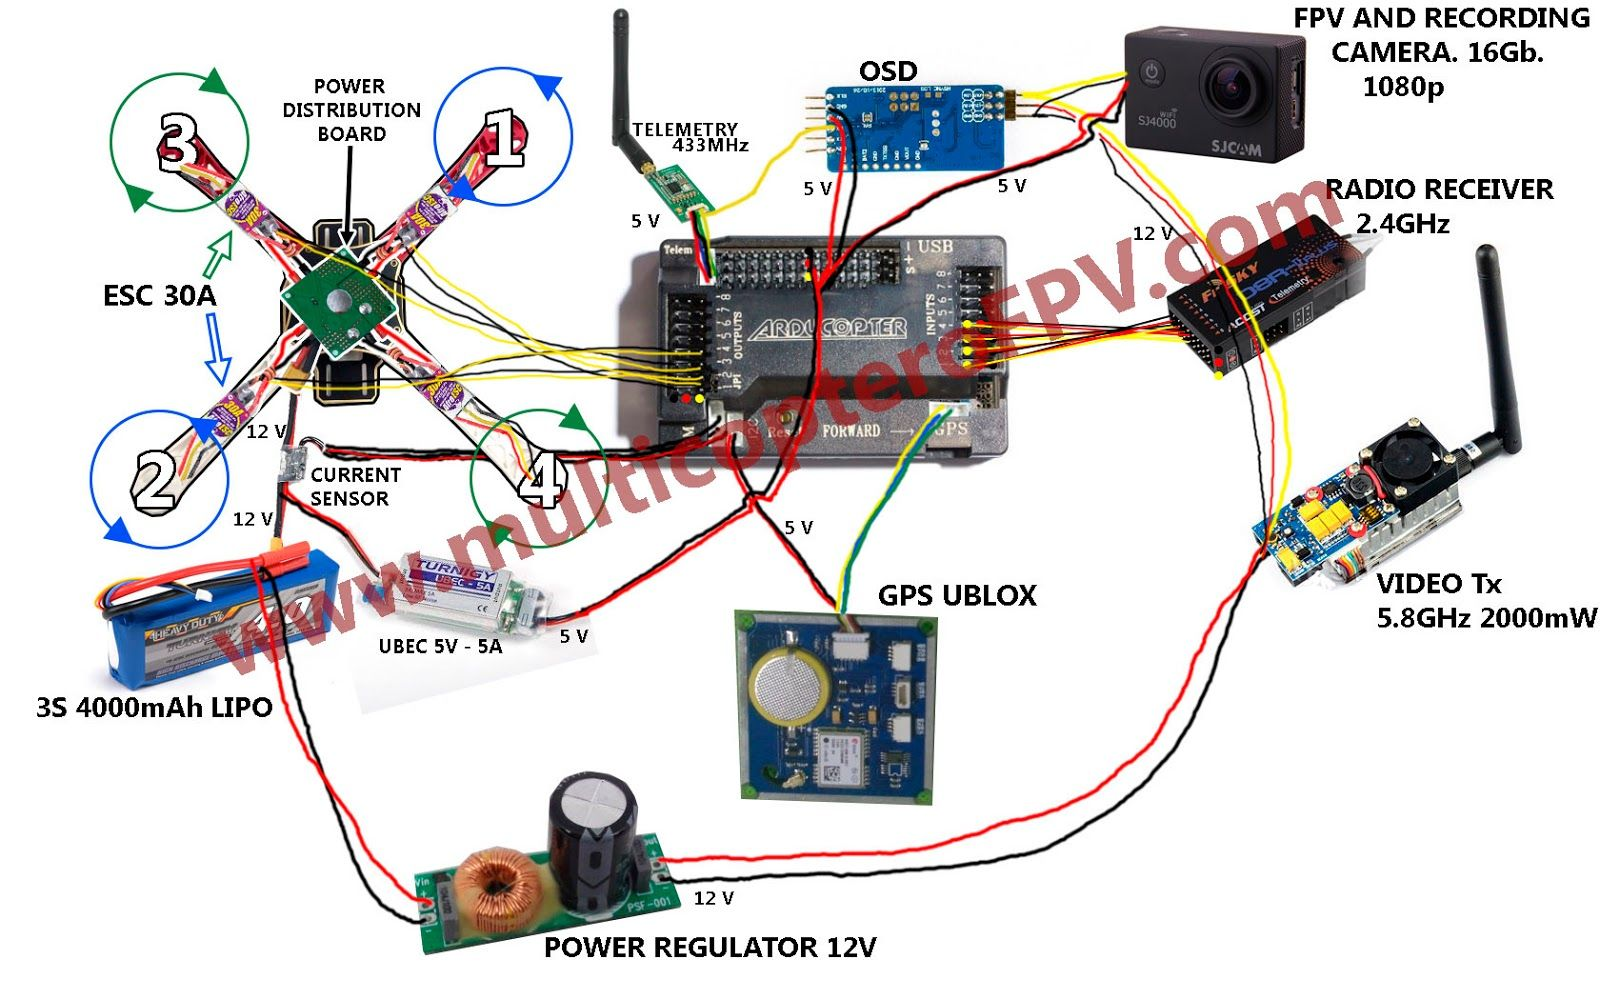 plano de conexiones de arducopter apm 2 6 con gps telemetr a y osd wiring diagram 2 6 also build your own quadcopter also arducopter [ 1600 x 1000 Pixel ]